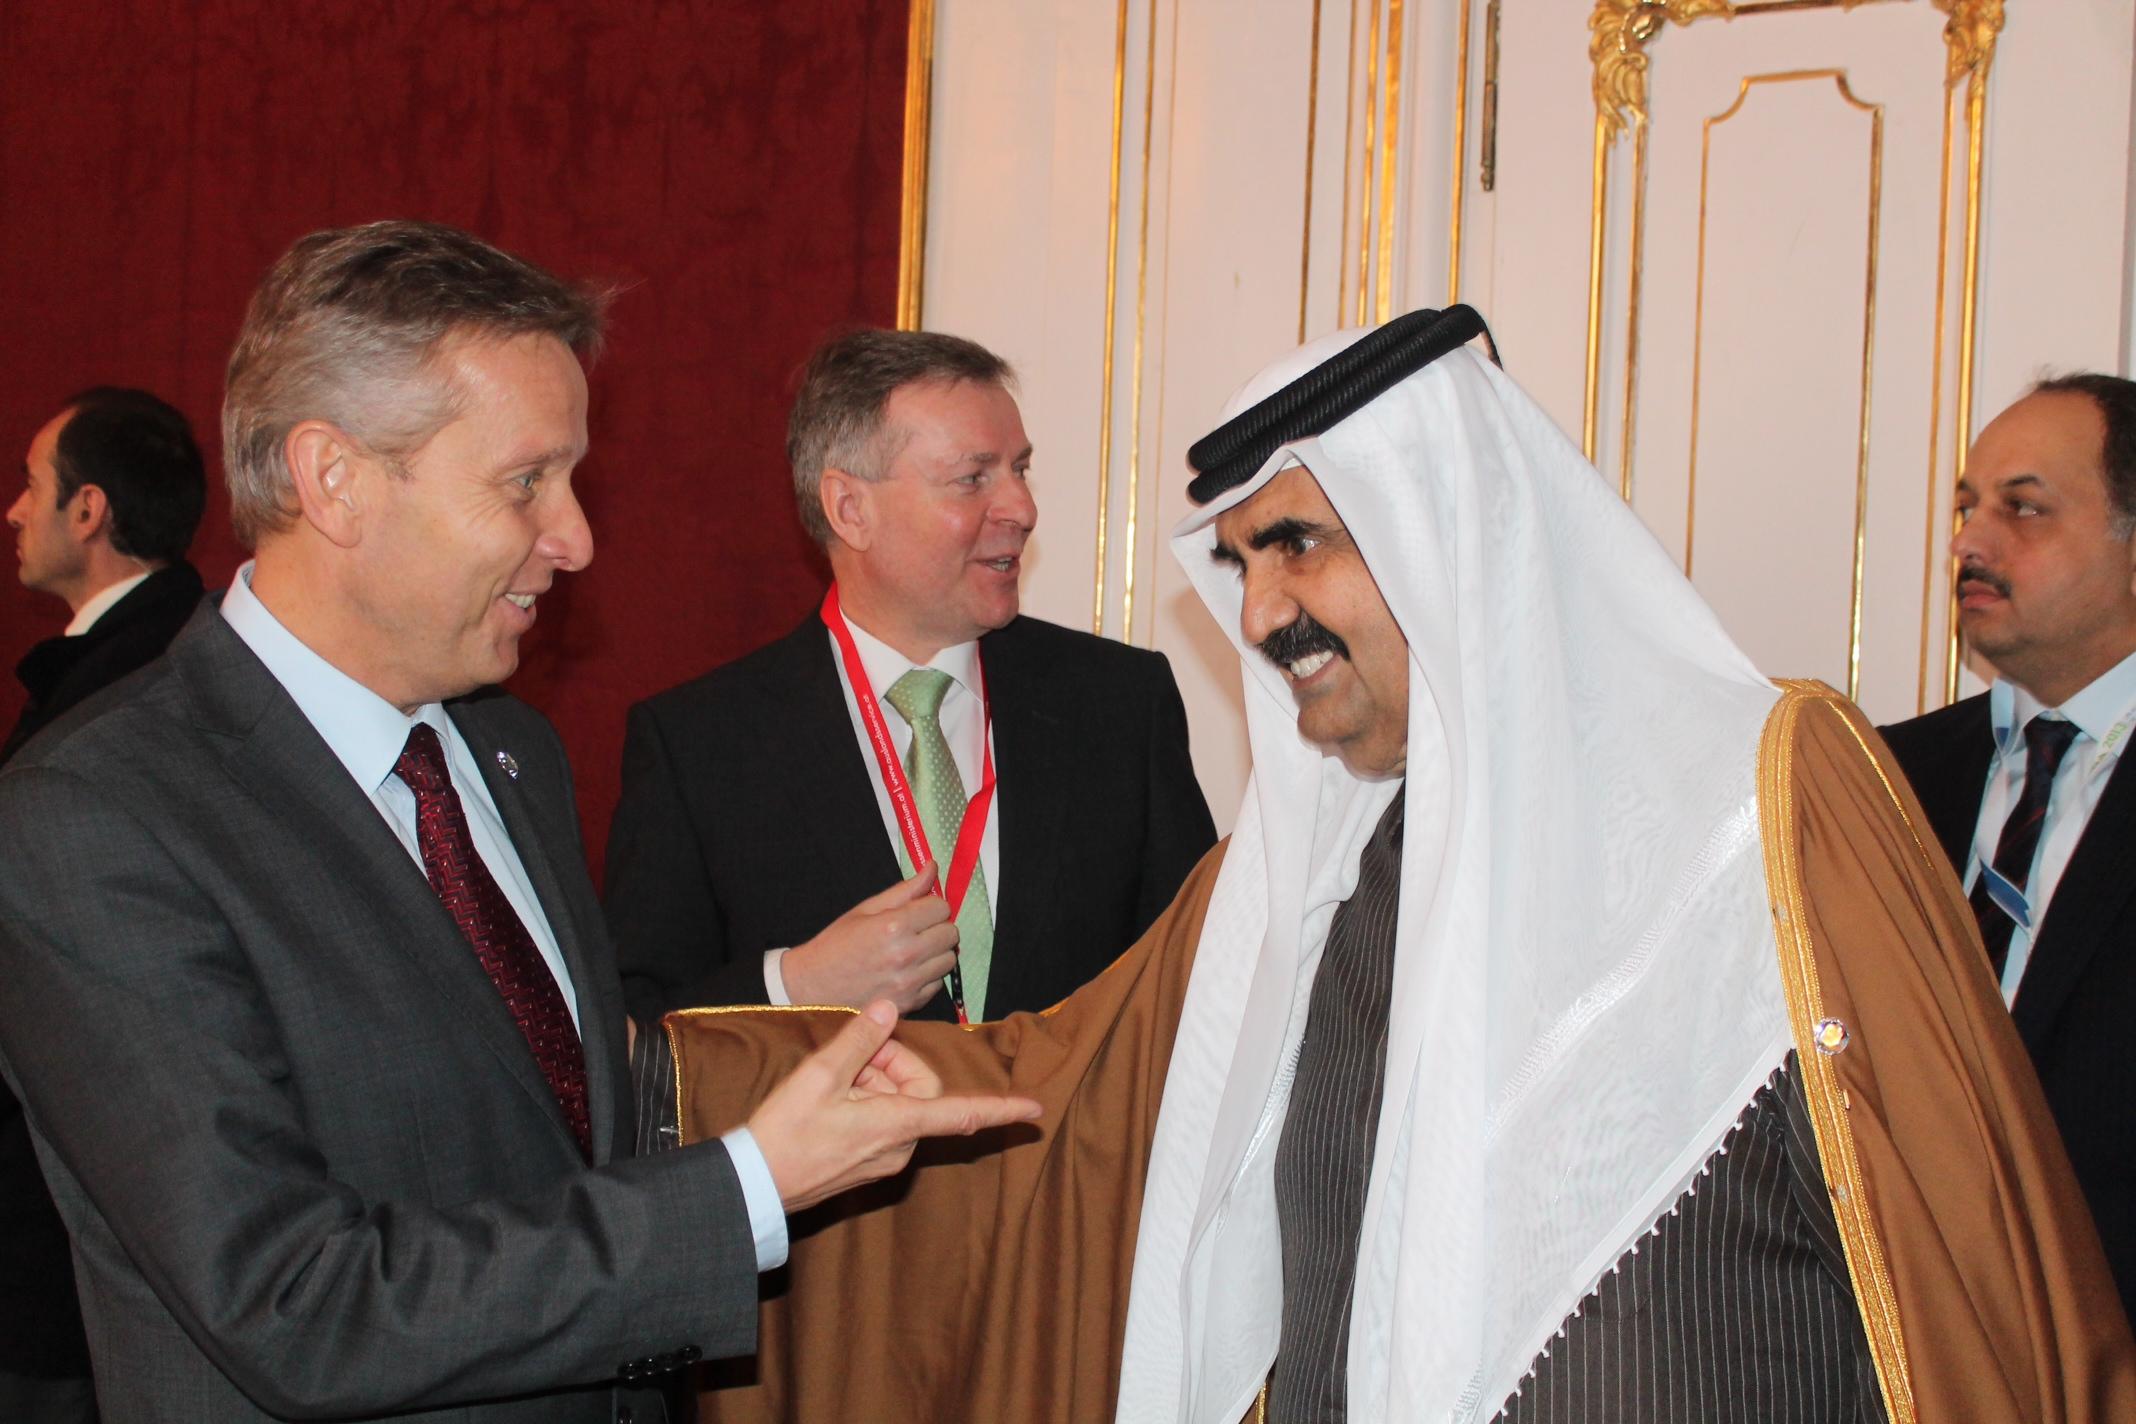 (c) BMEIA, STS Lopatka trifft den Emir von Katar, Scheich Hamad bin Khalifa al-Thani